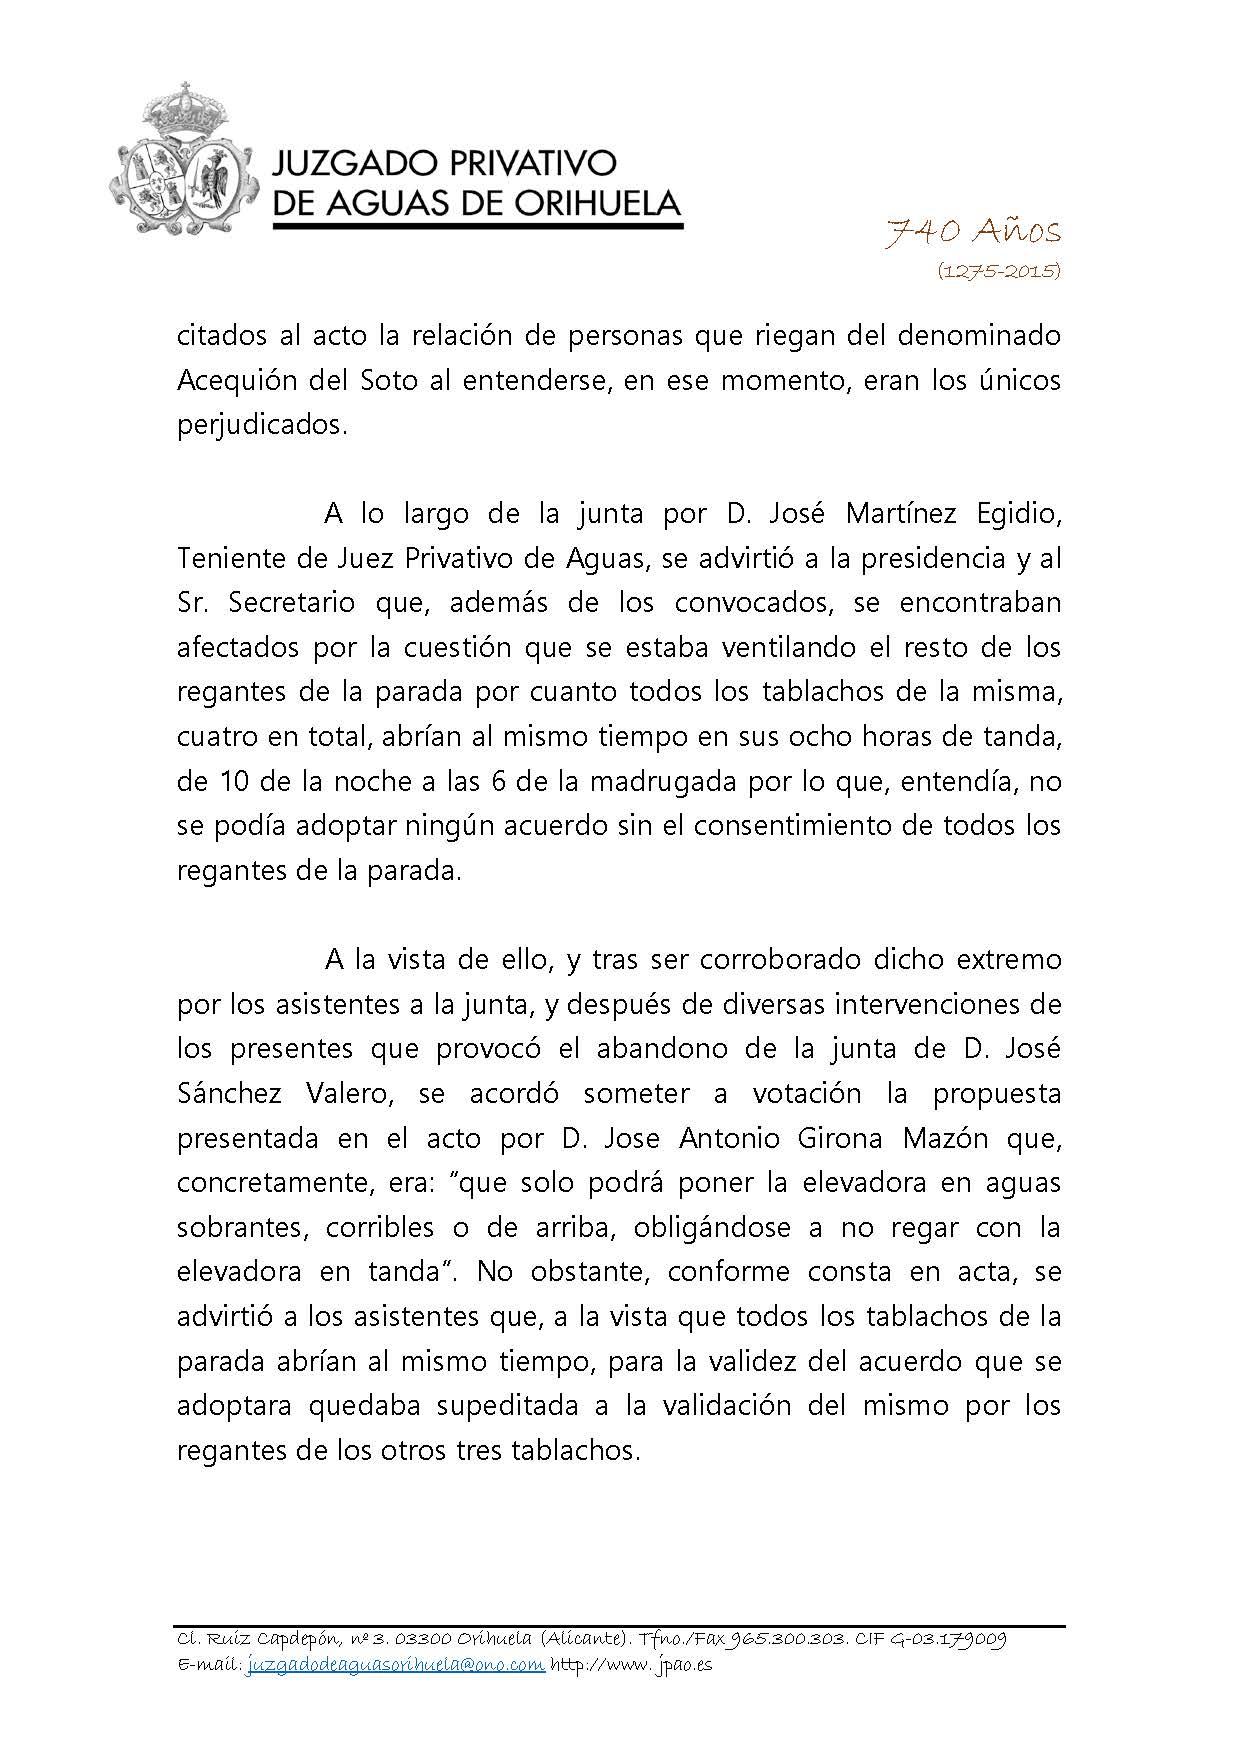 111 2015 ACEQUION DEL SOTO. ACUERDO JUNTA gobierto 111115_Página_03